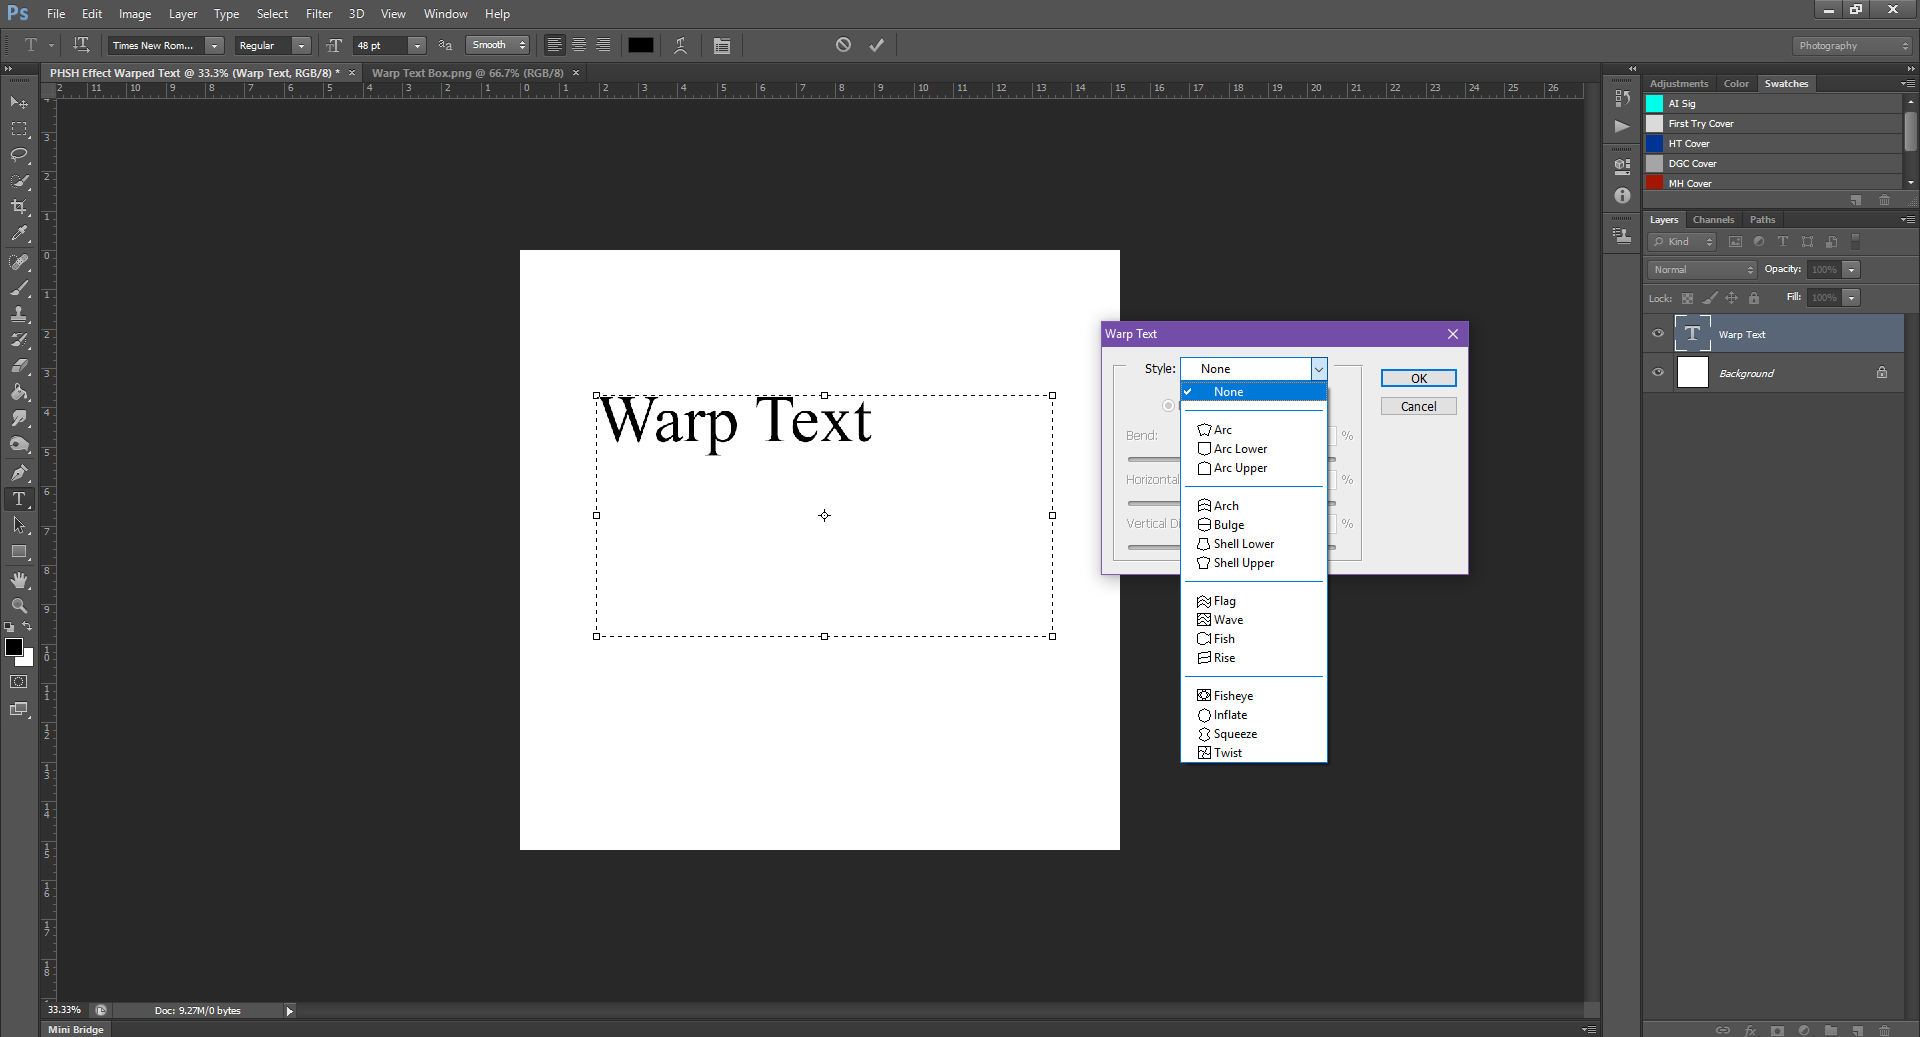 AterImber.com - Writing - Writing Tips - PHSH Tutorial - Warped Text - Warp Text Options